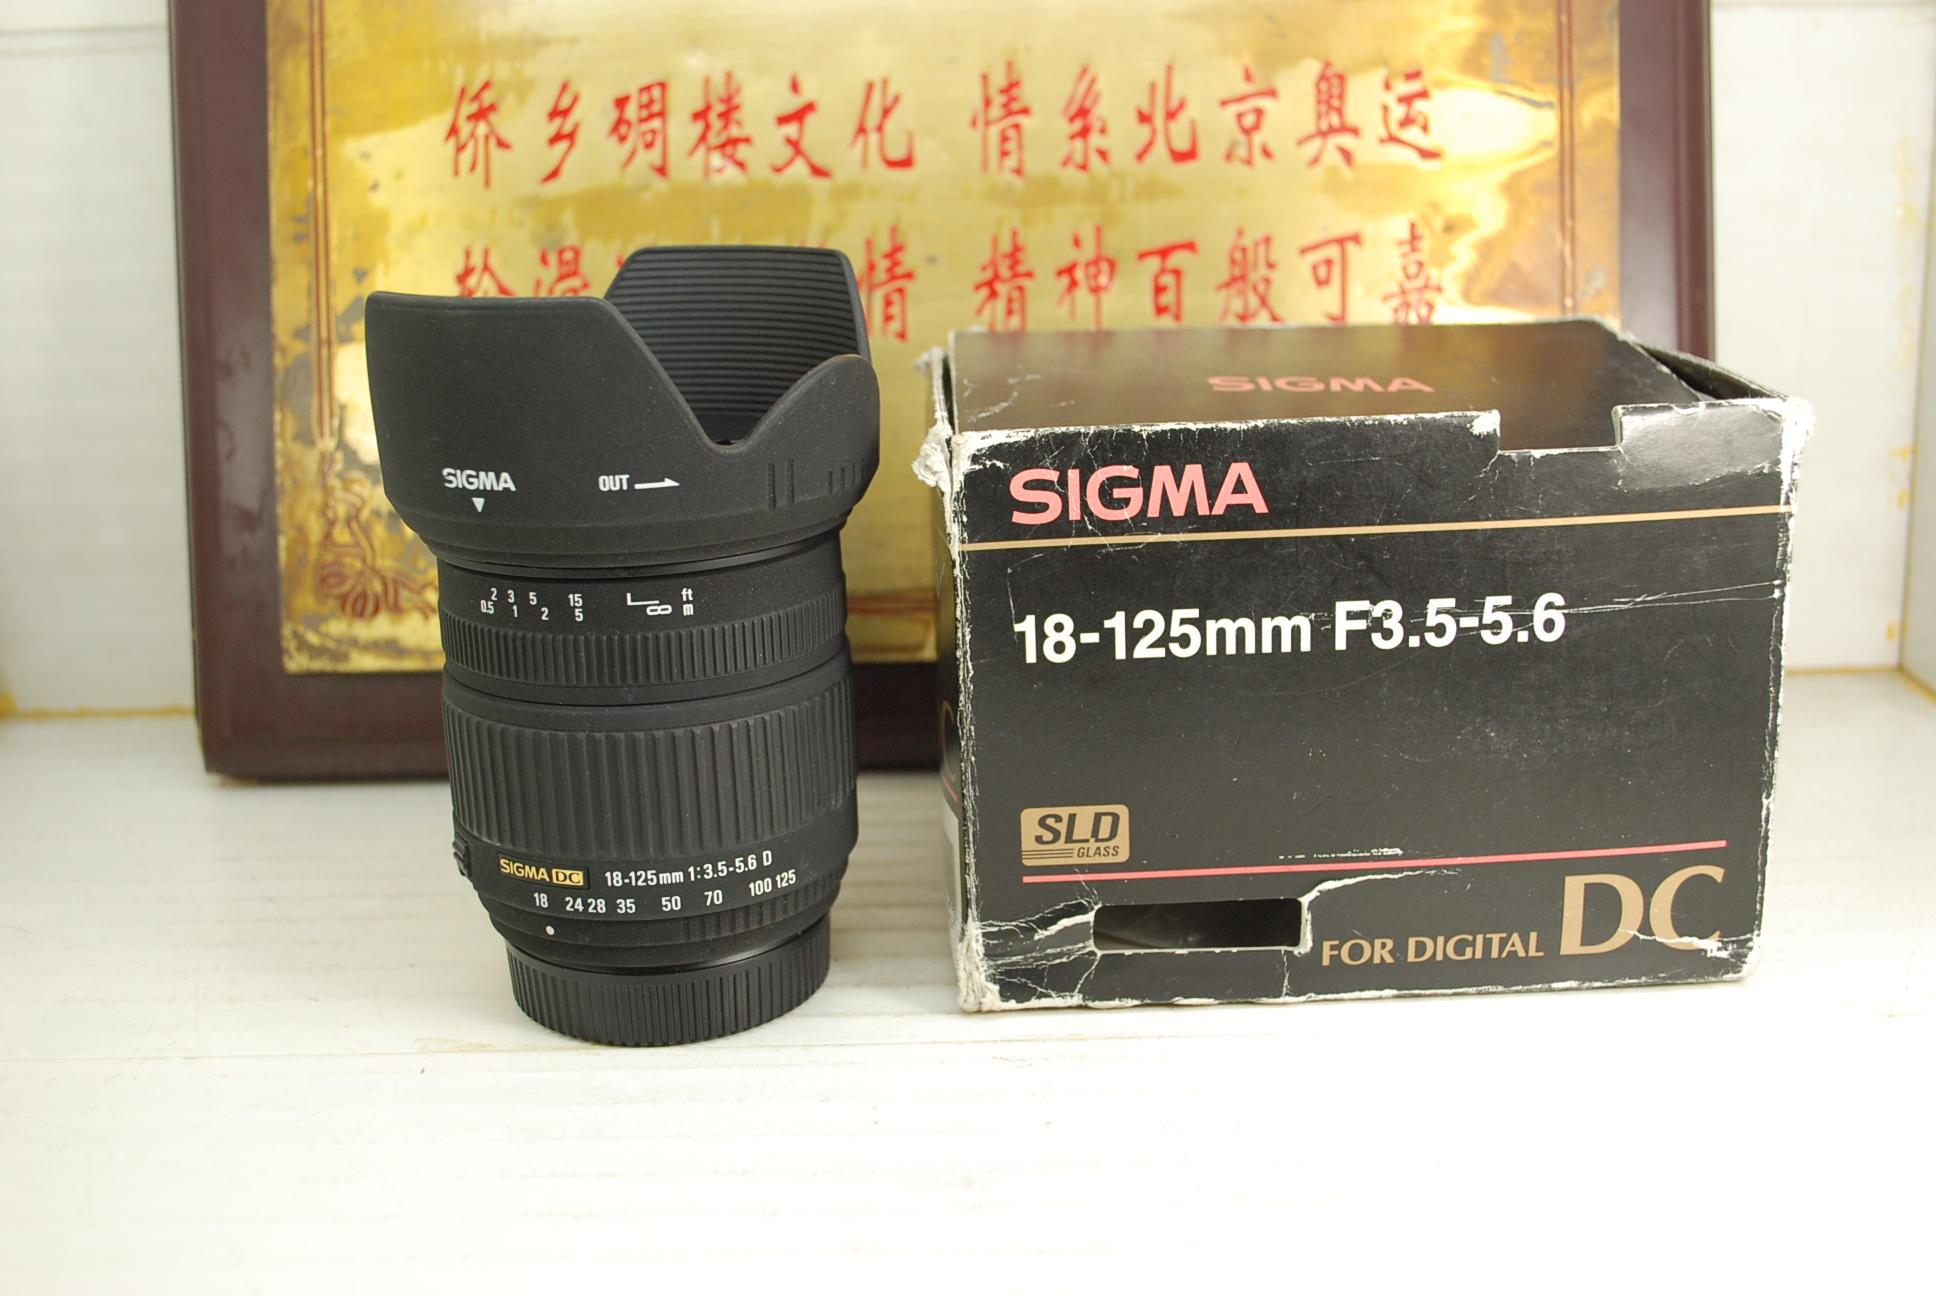 97新 尼康口 适马 18-125 F3.5-5.6 单反镜头 非全幅广角中焦挂机头